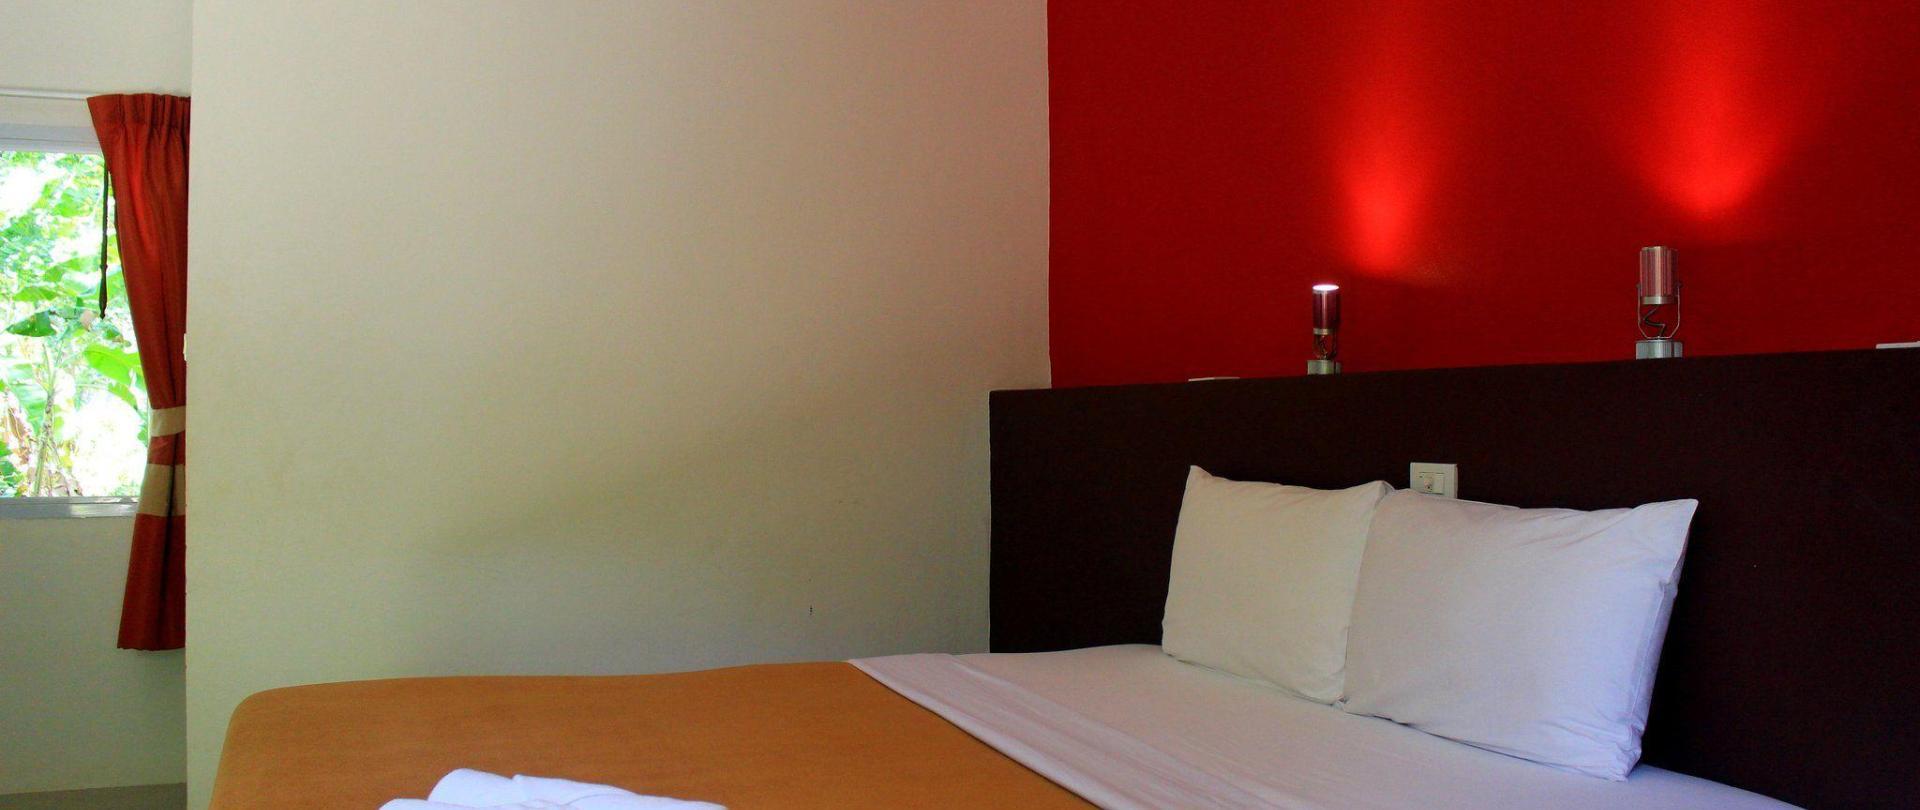 Standard Room - Bed